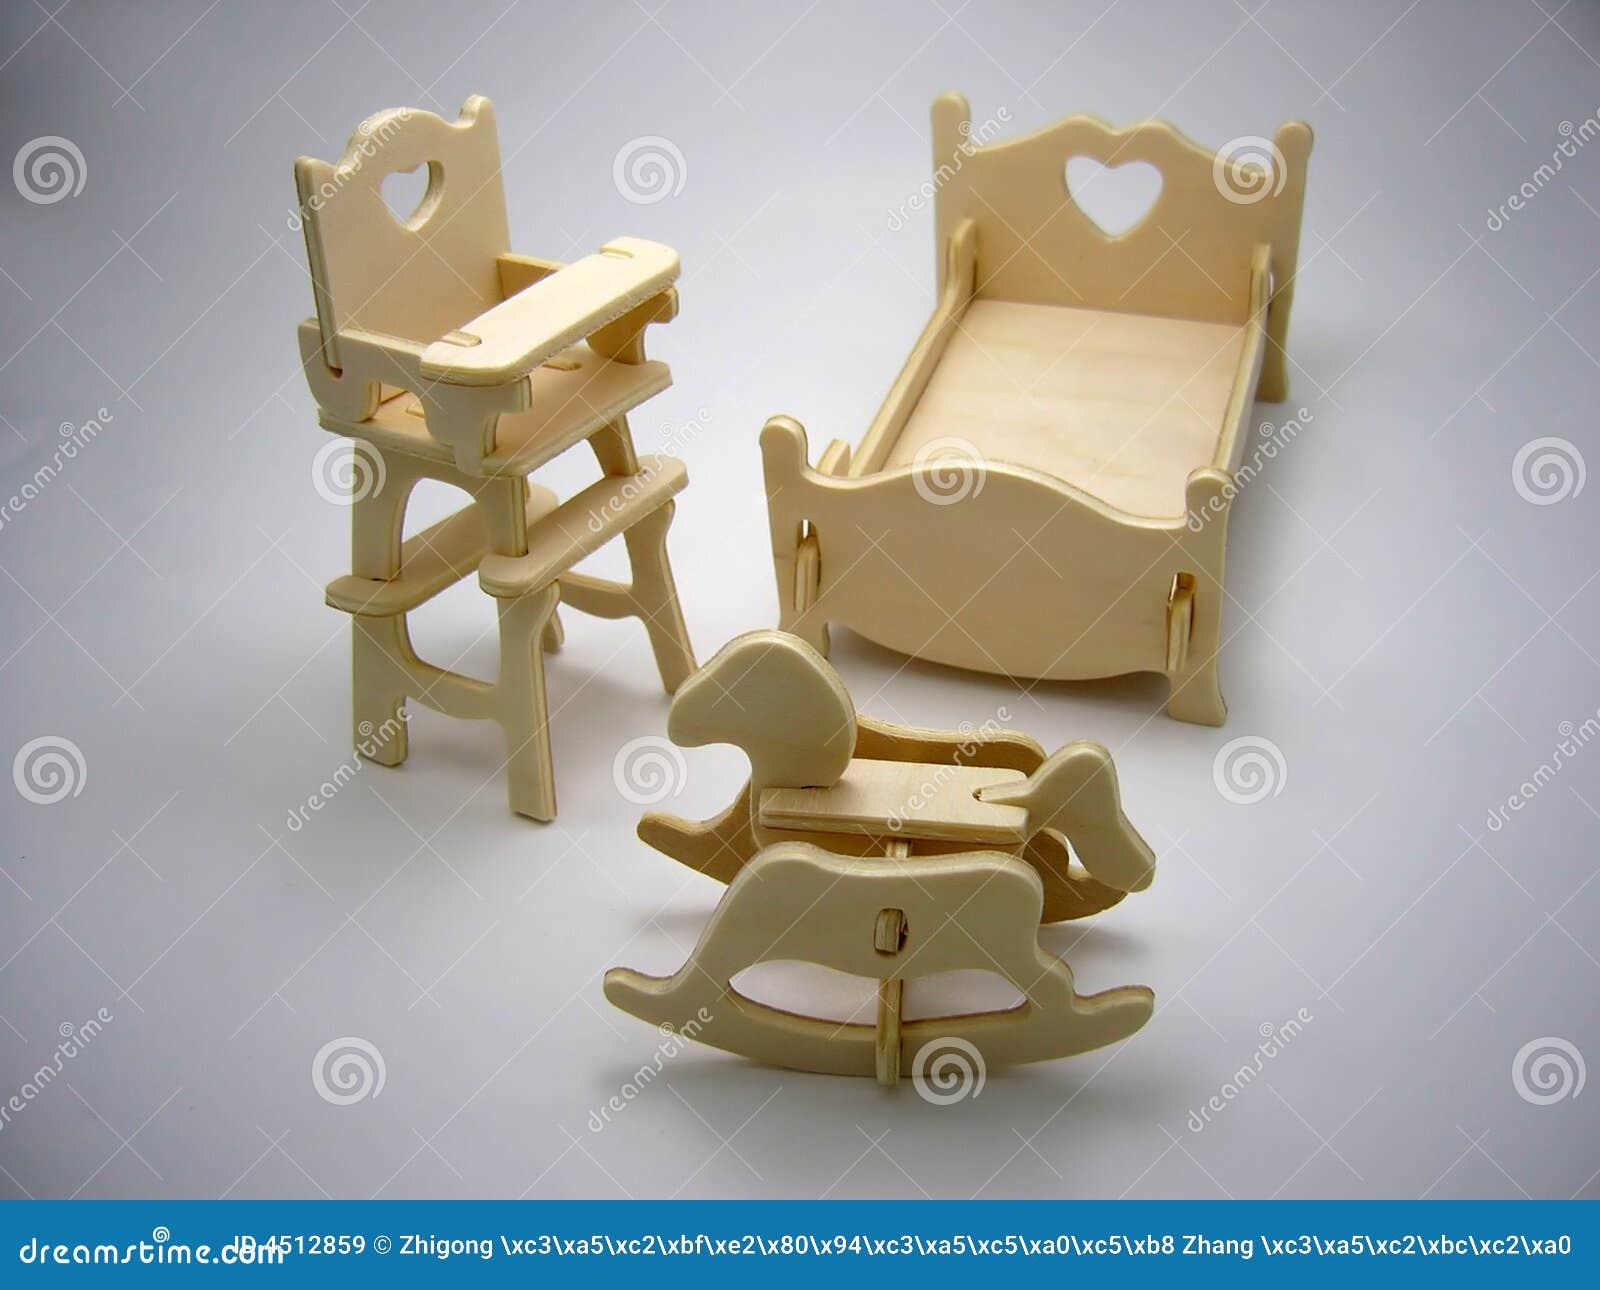 Muebles de madera del juguete dormitorio im genes de - Muebles de juguete en madera ...